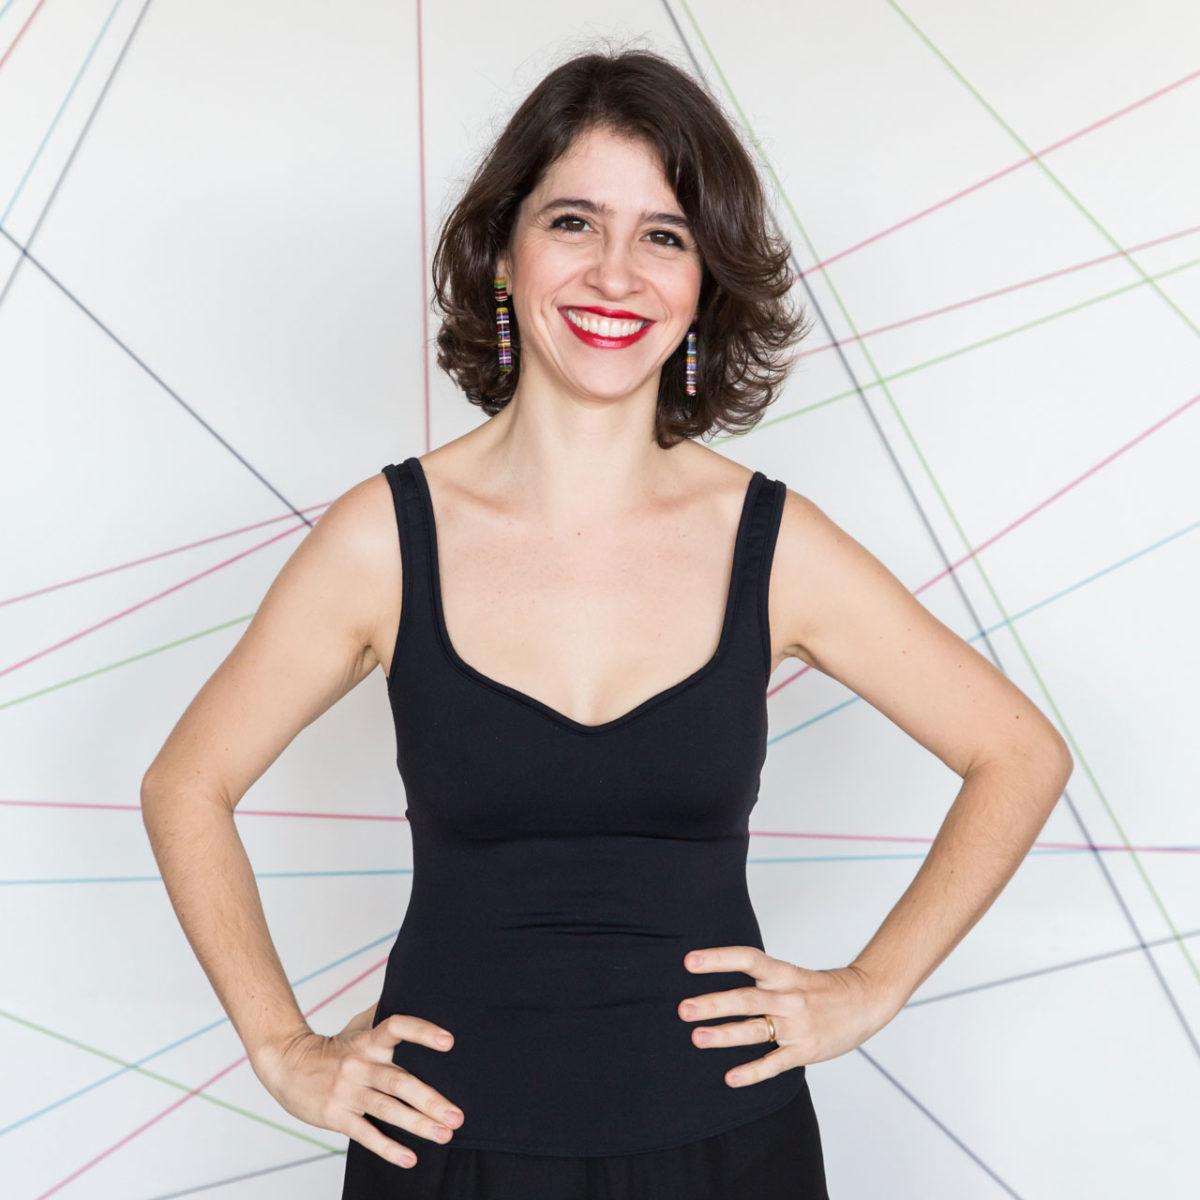 Marina Spoladore